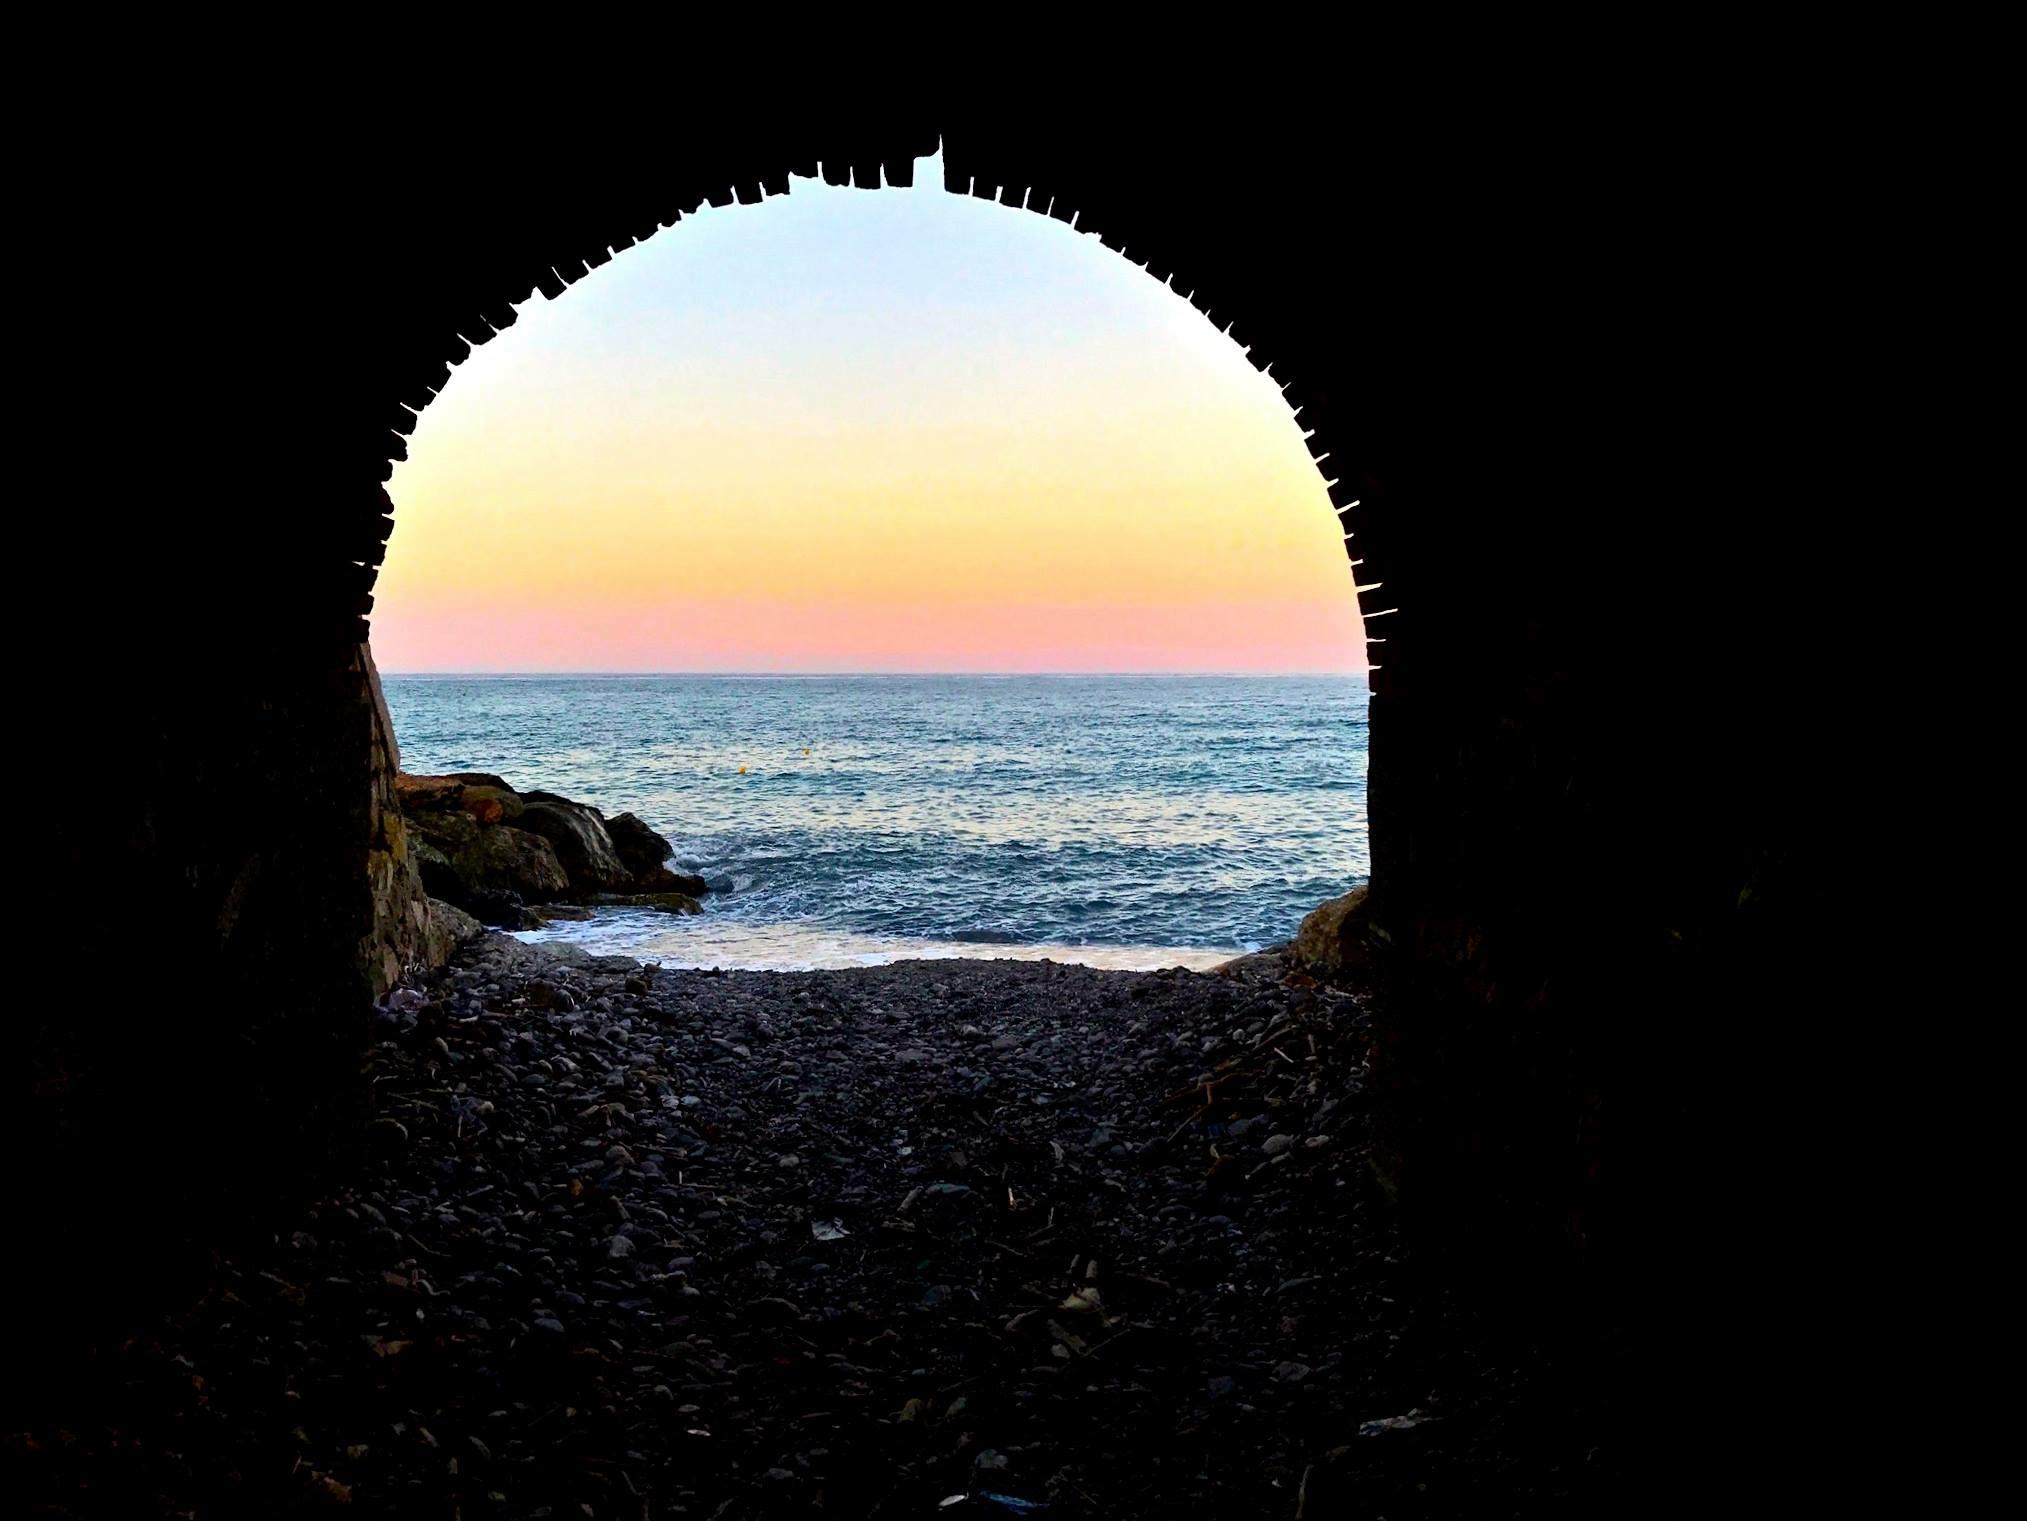 Il paradiso all'improvviso  di chiara_bosisio